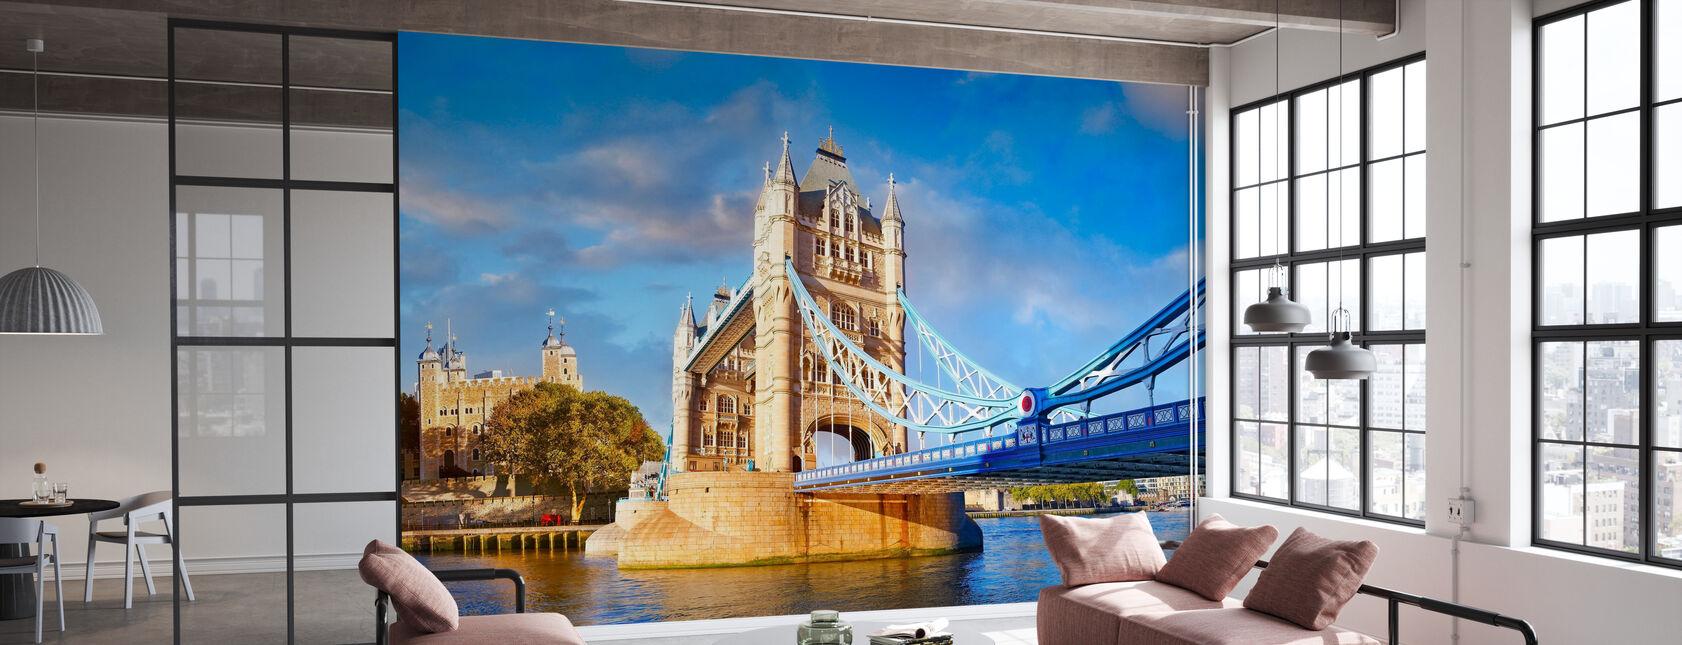 London und Tower Bridge - Tapete - Büro